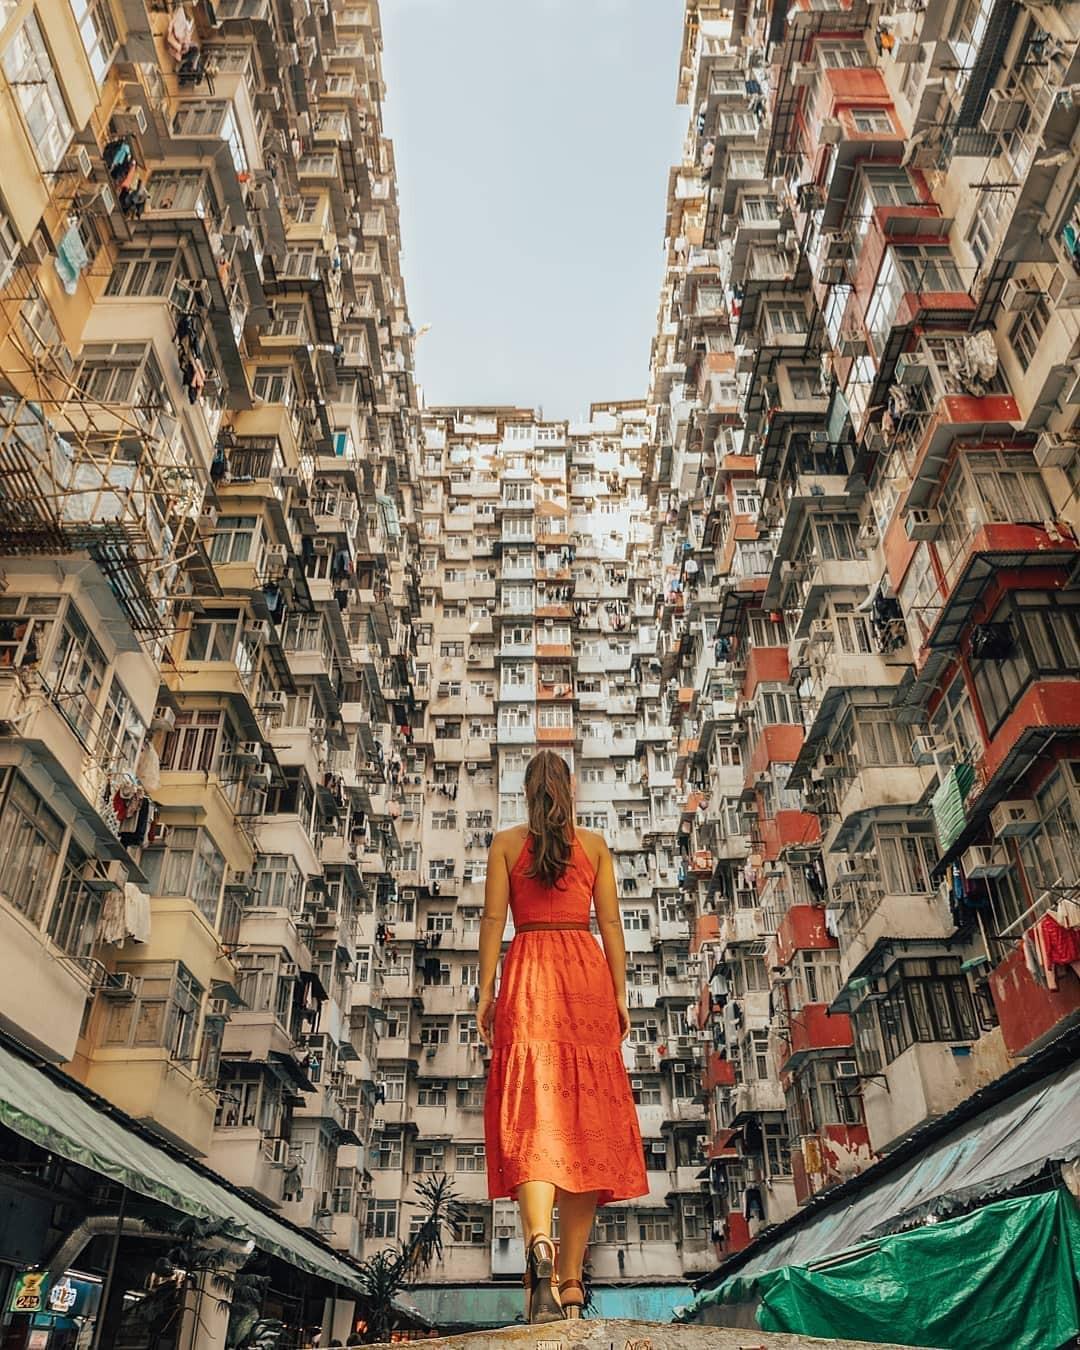 Bỏ túi ngay 8 điểm sống ảo nổi tiếng ở Hong Kong, vị trí thứ 2 hot đến nỗi còn lọt vào top được check-in nhiều nhất trên Instagram! - Ảnh 11.